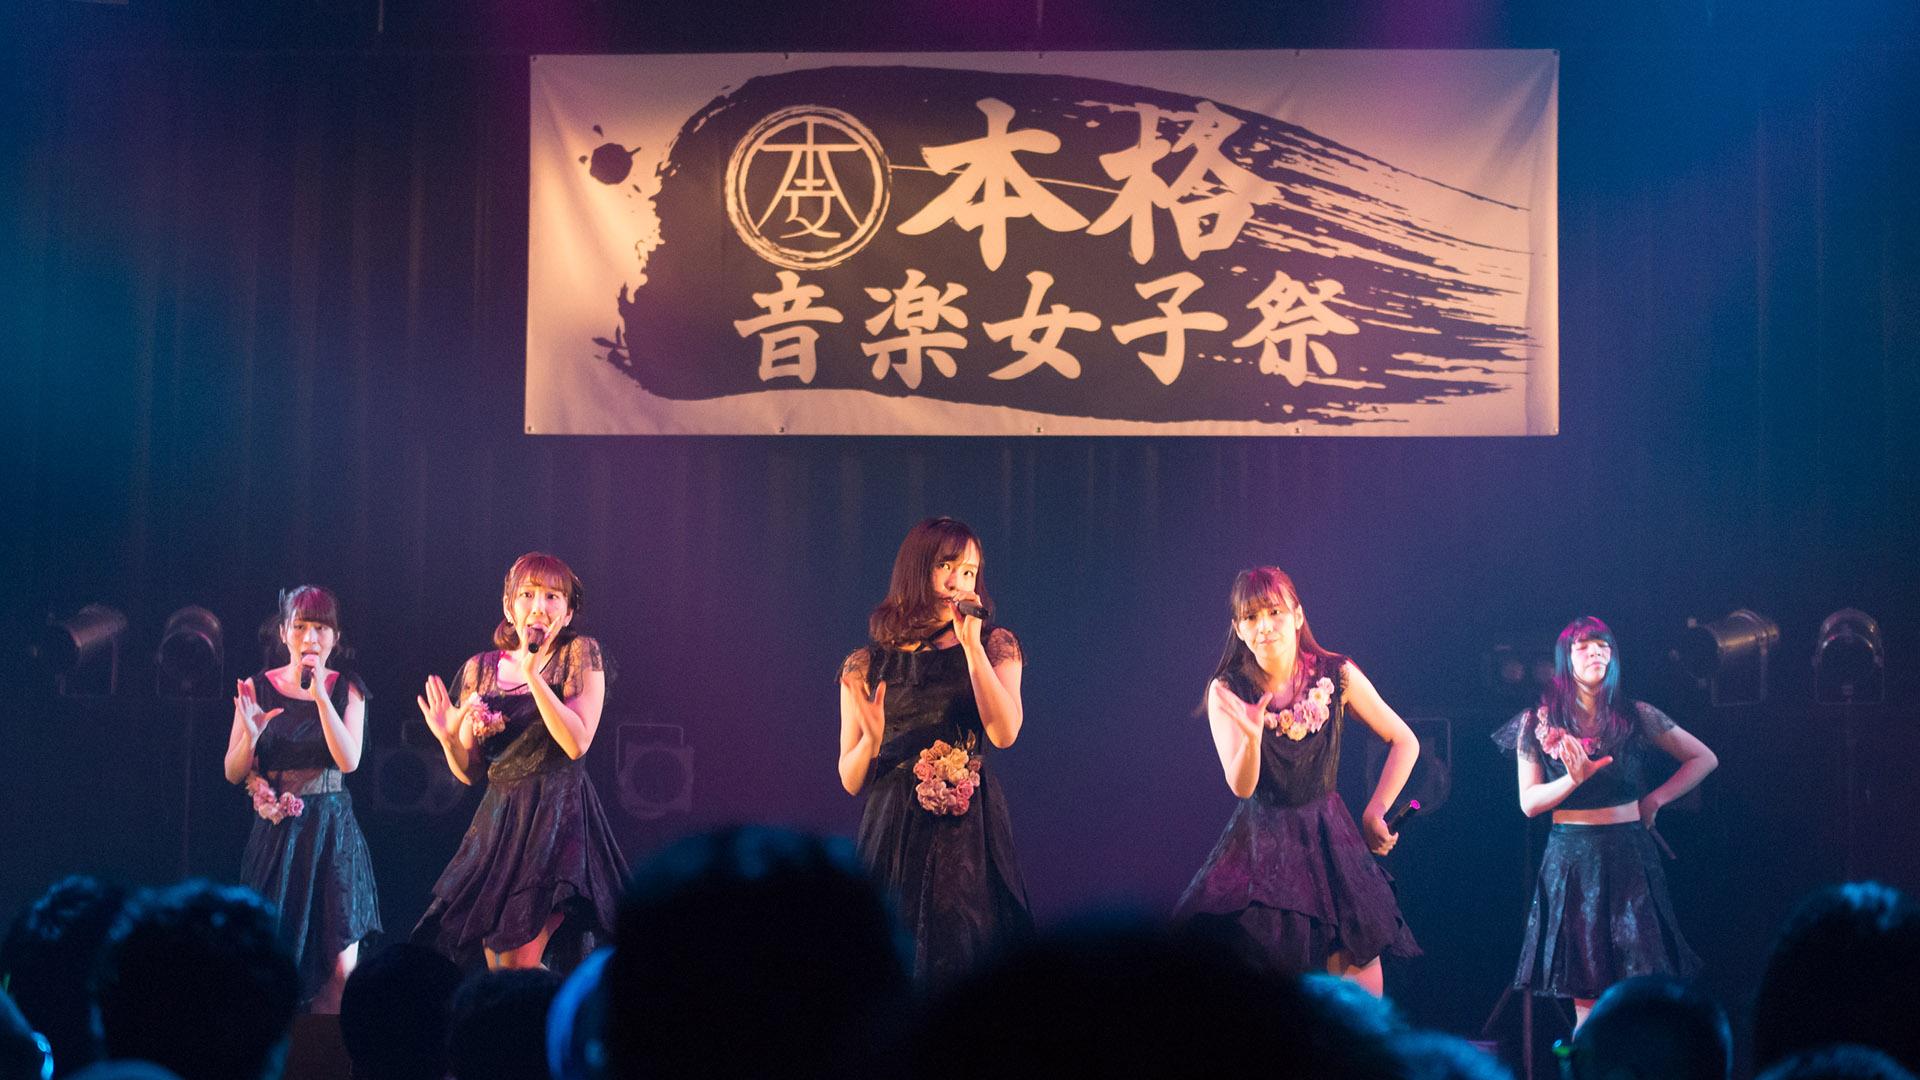 今年も大注目な「本格音楽女子祭-其の十参-」で今年まじでアツいSTARMARIEを観てきました!